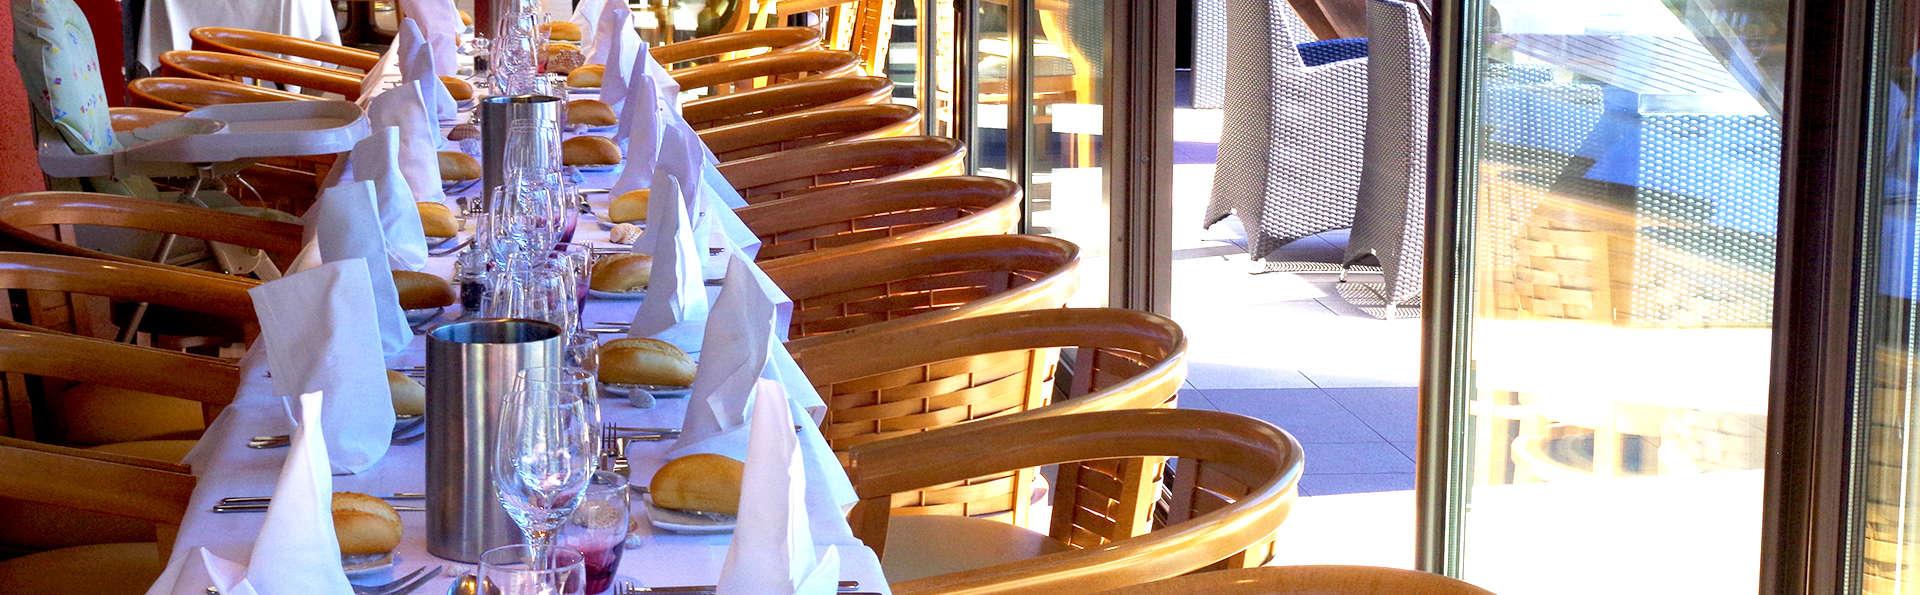 Week-end gourmand avec dîner près de Pornichet